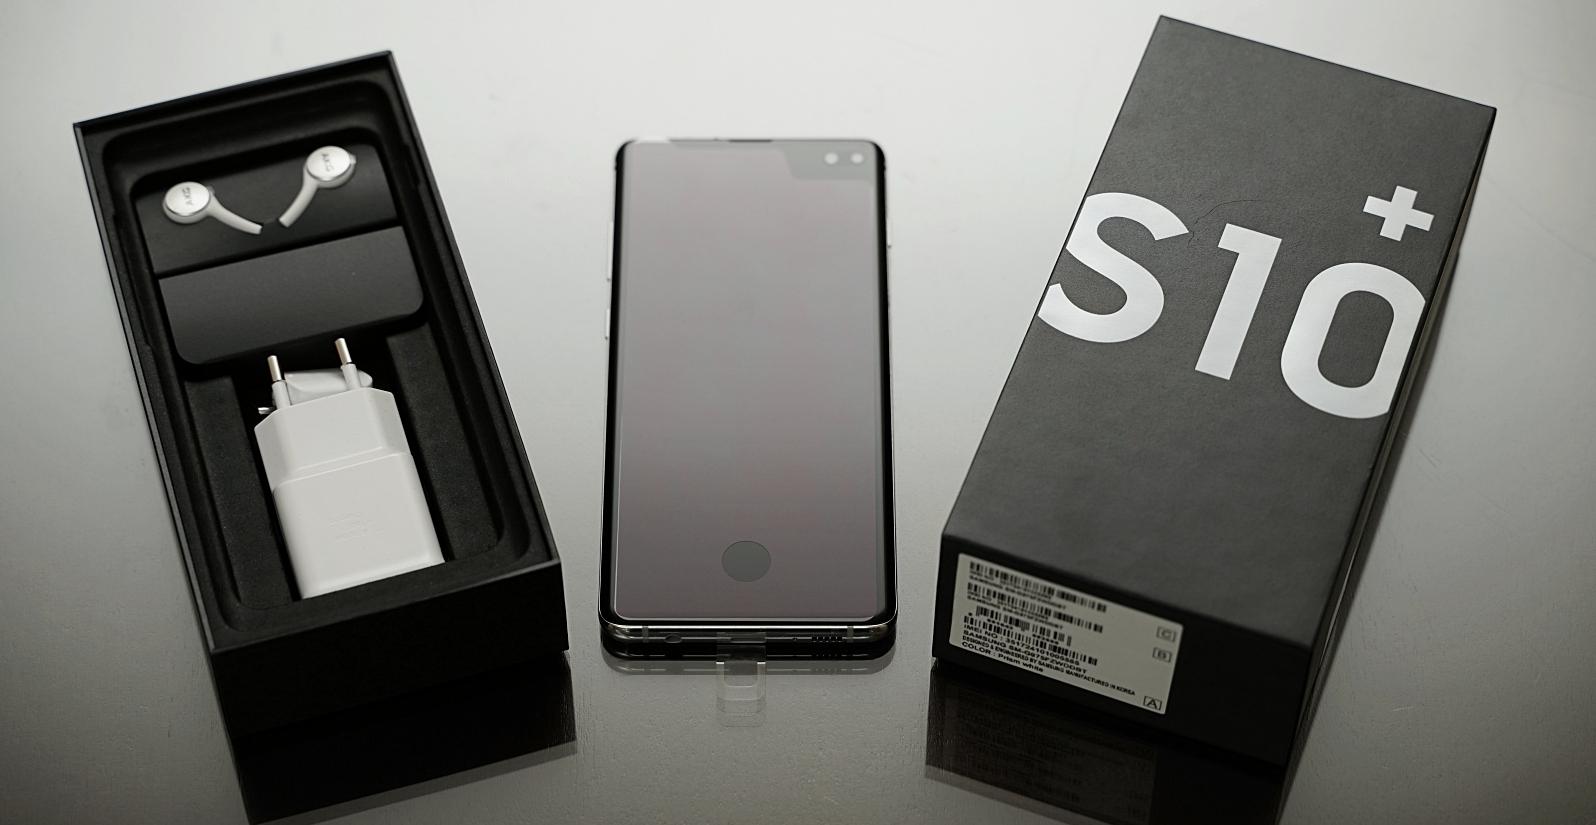 三星 Galaxy S10+ 多圖實拍,Exynos 9820 處理器跑分效能突破 33 萬分